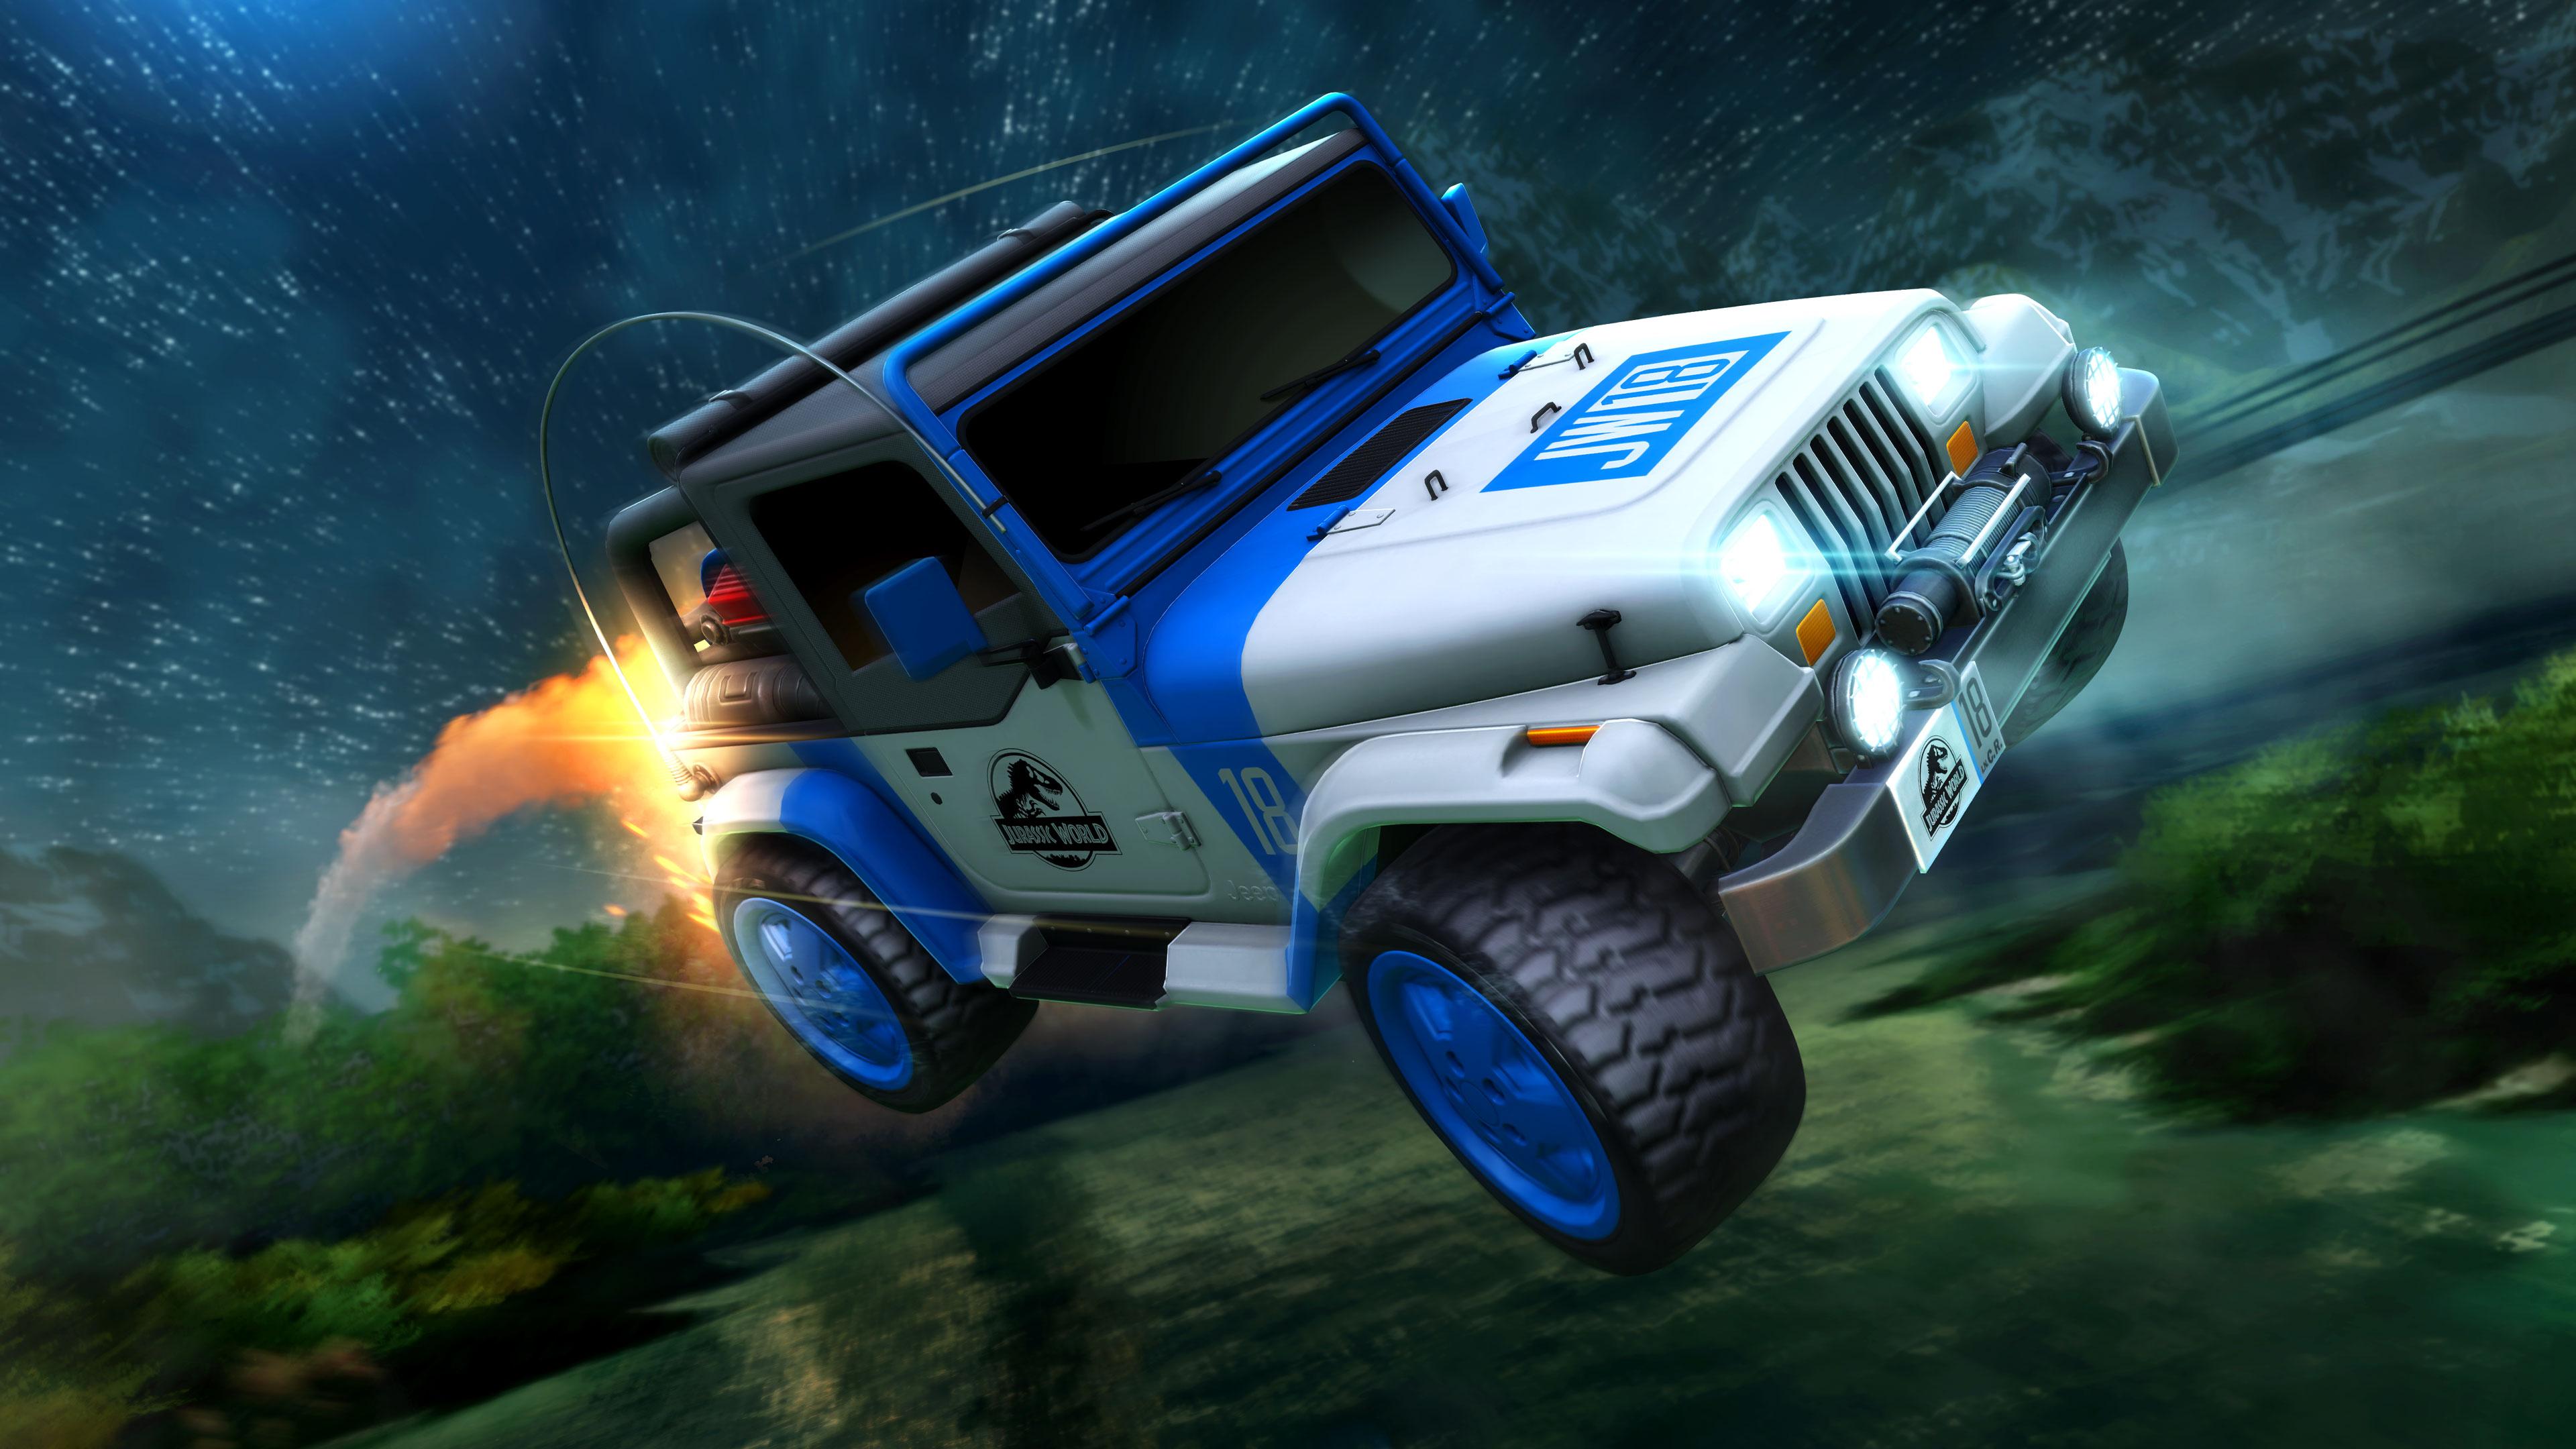 Jurassic World DLC Jeep